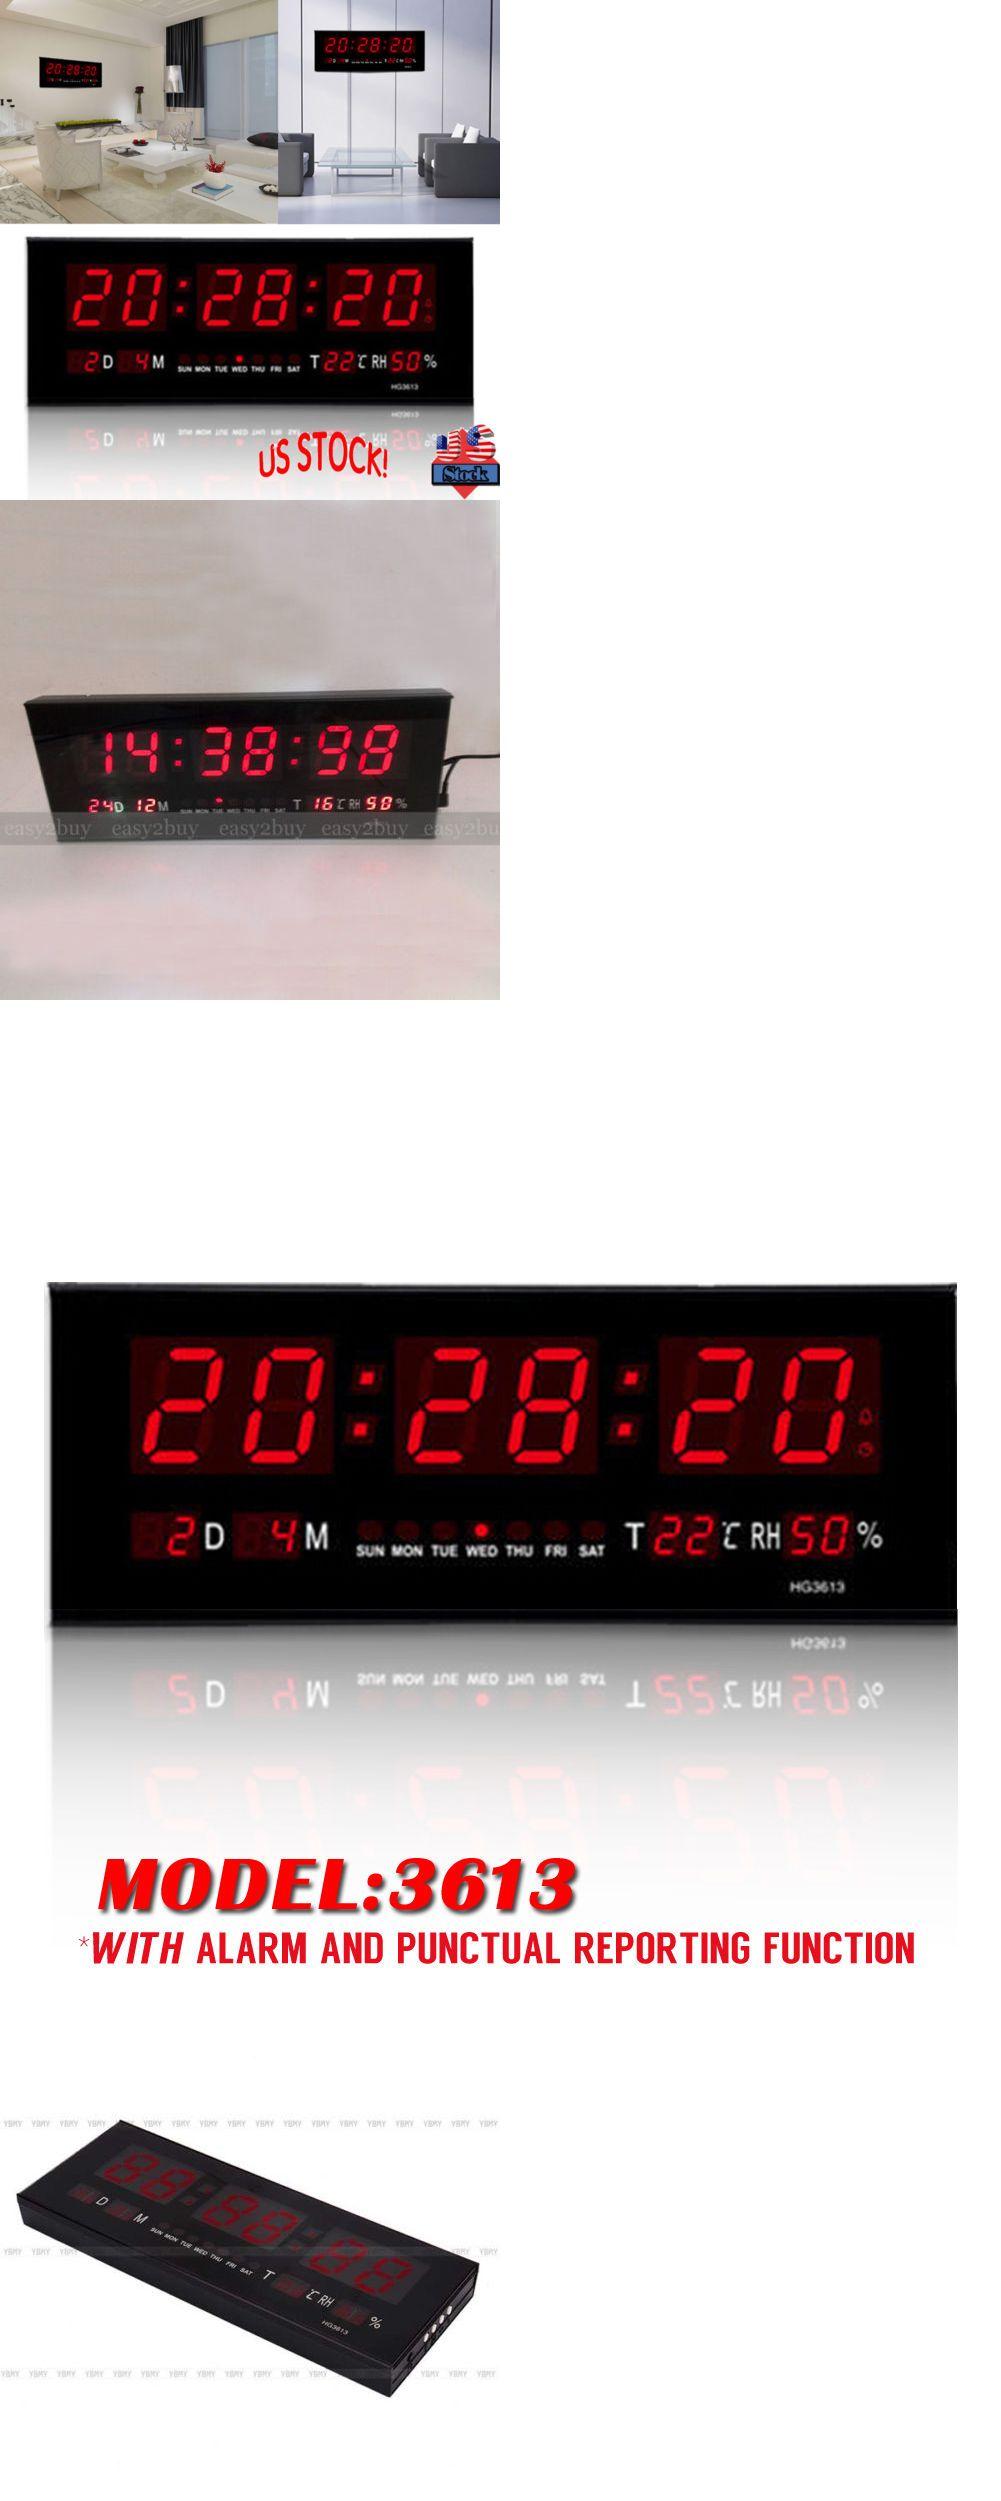 Alarm Clocks And Clock Radios 79643 Large Digital Jumbo Led Wall